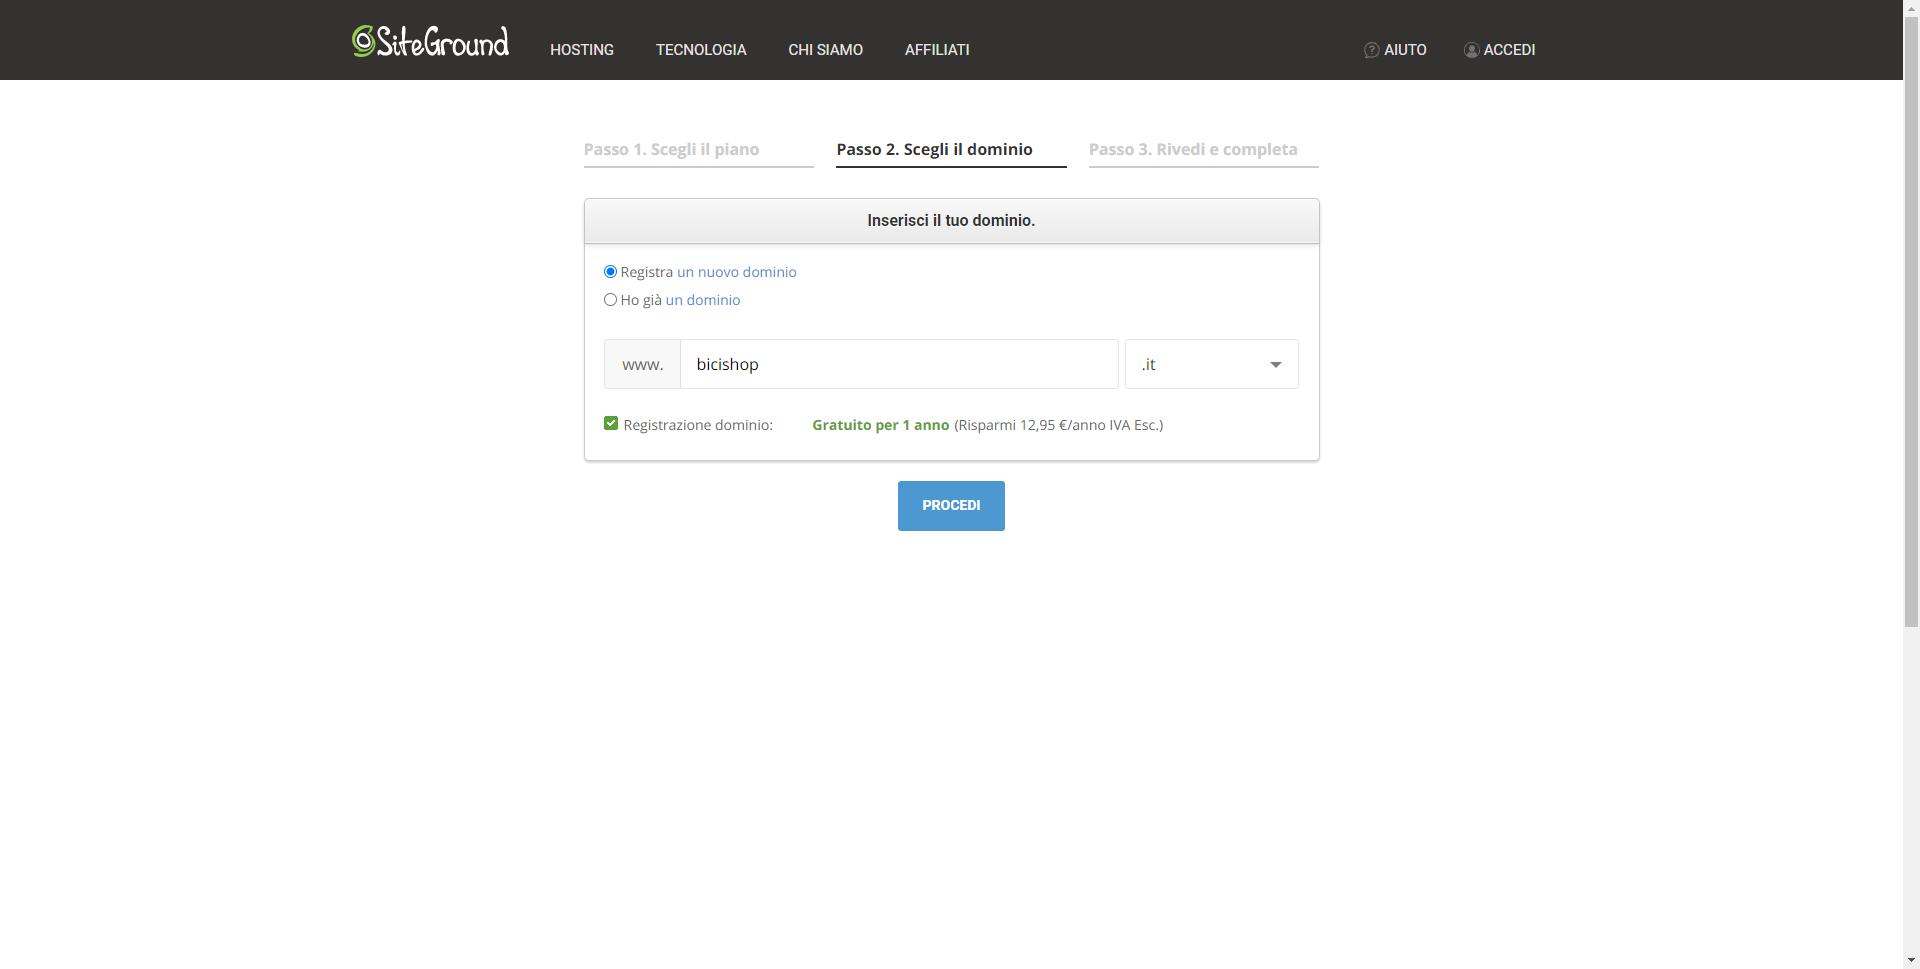 Acquistare dominio su siteground